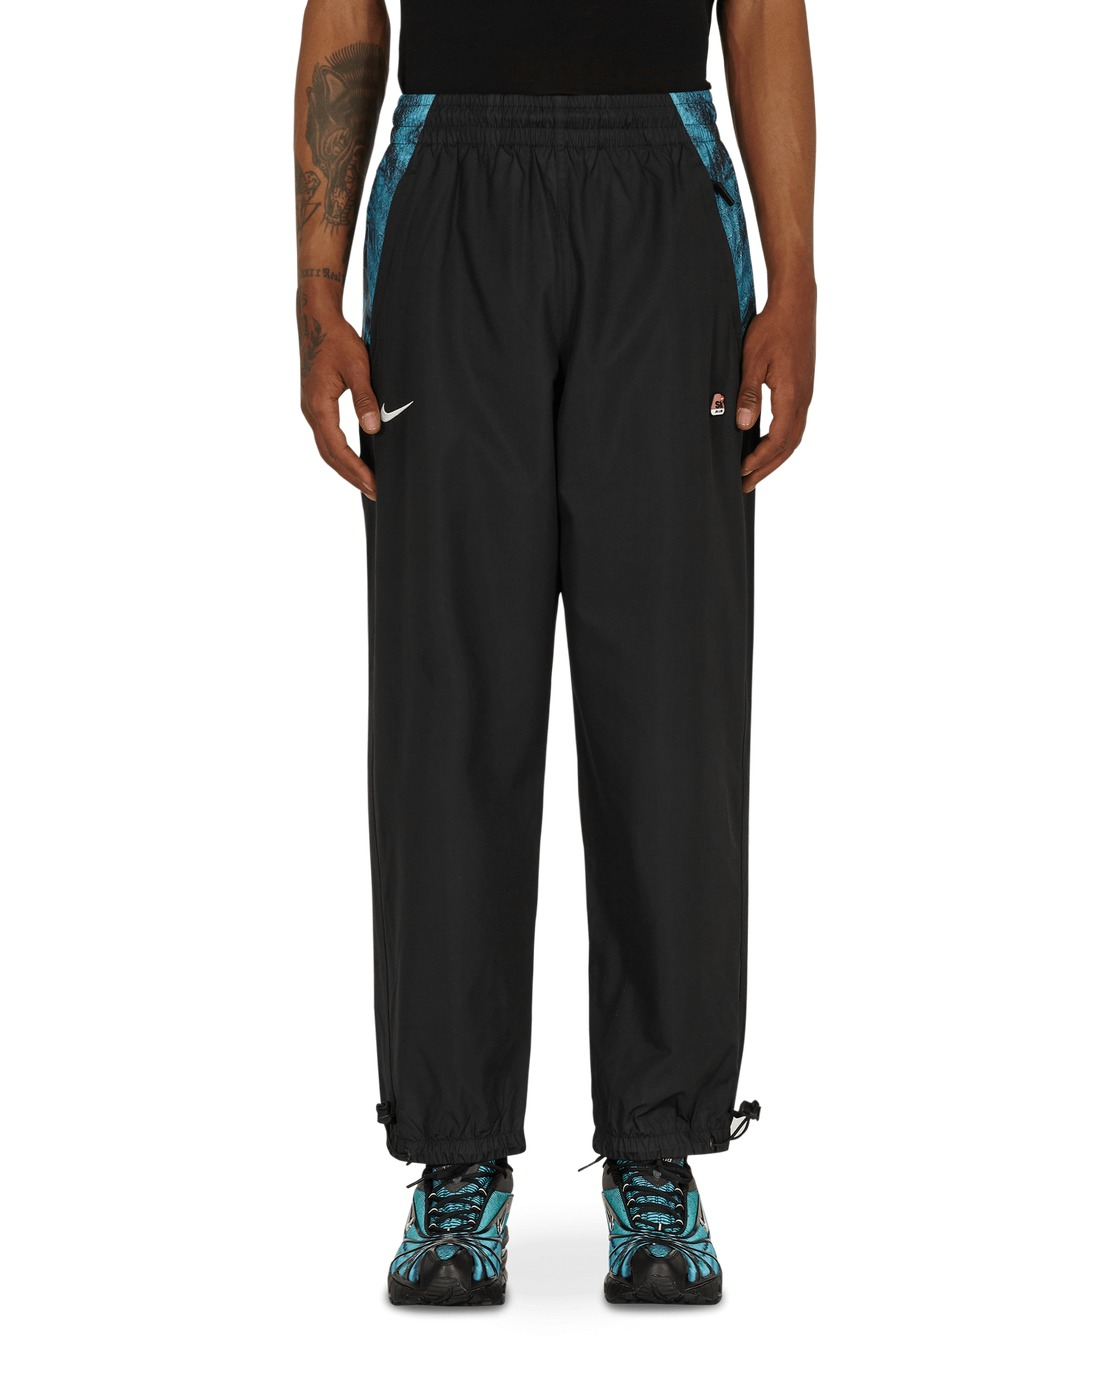 Nike Special Project Skepta Track Pants Black